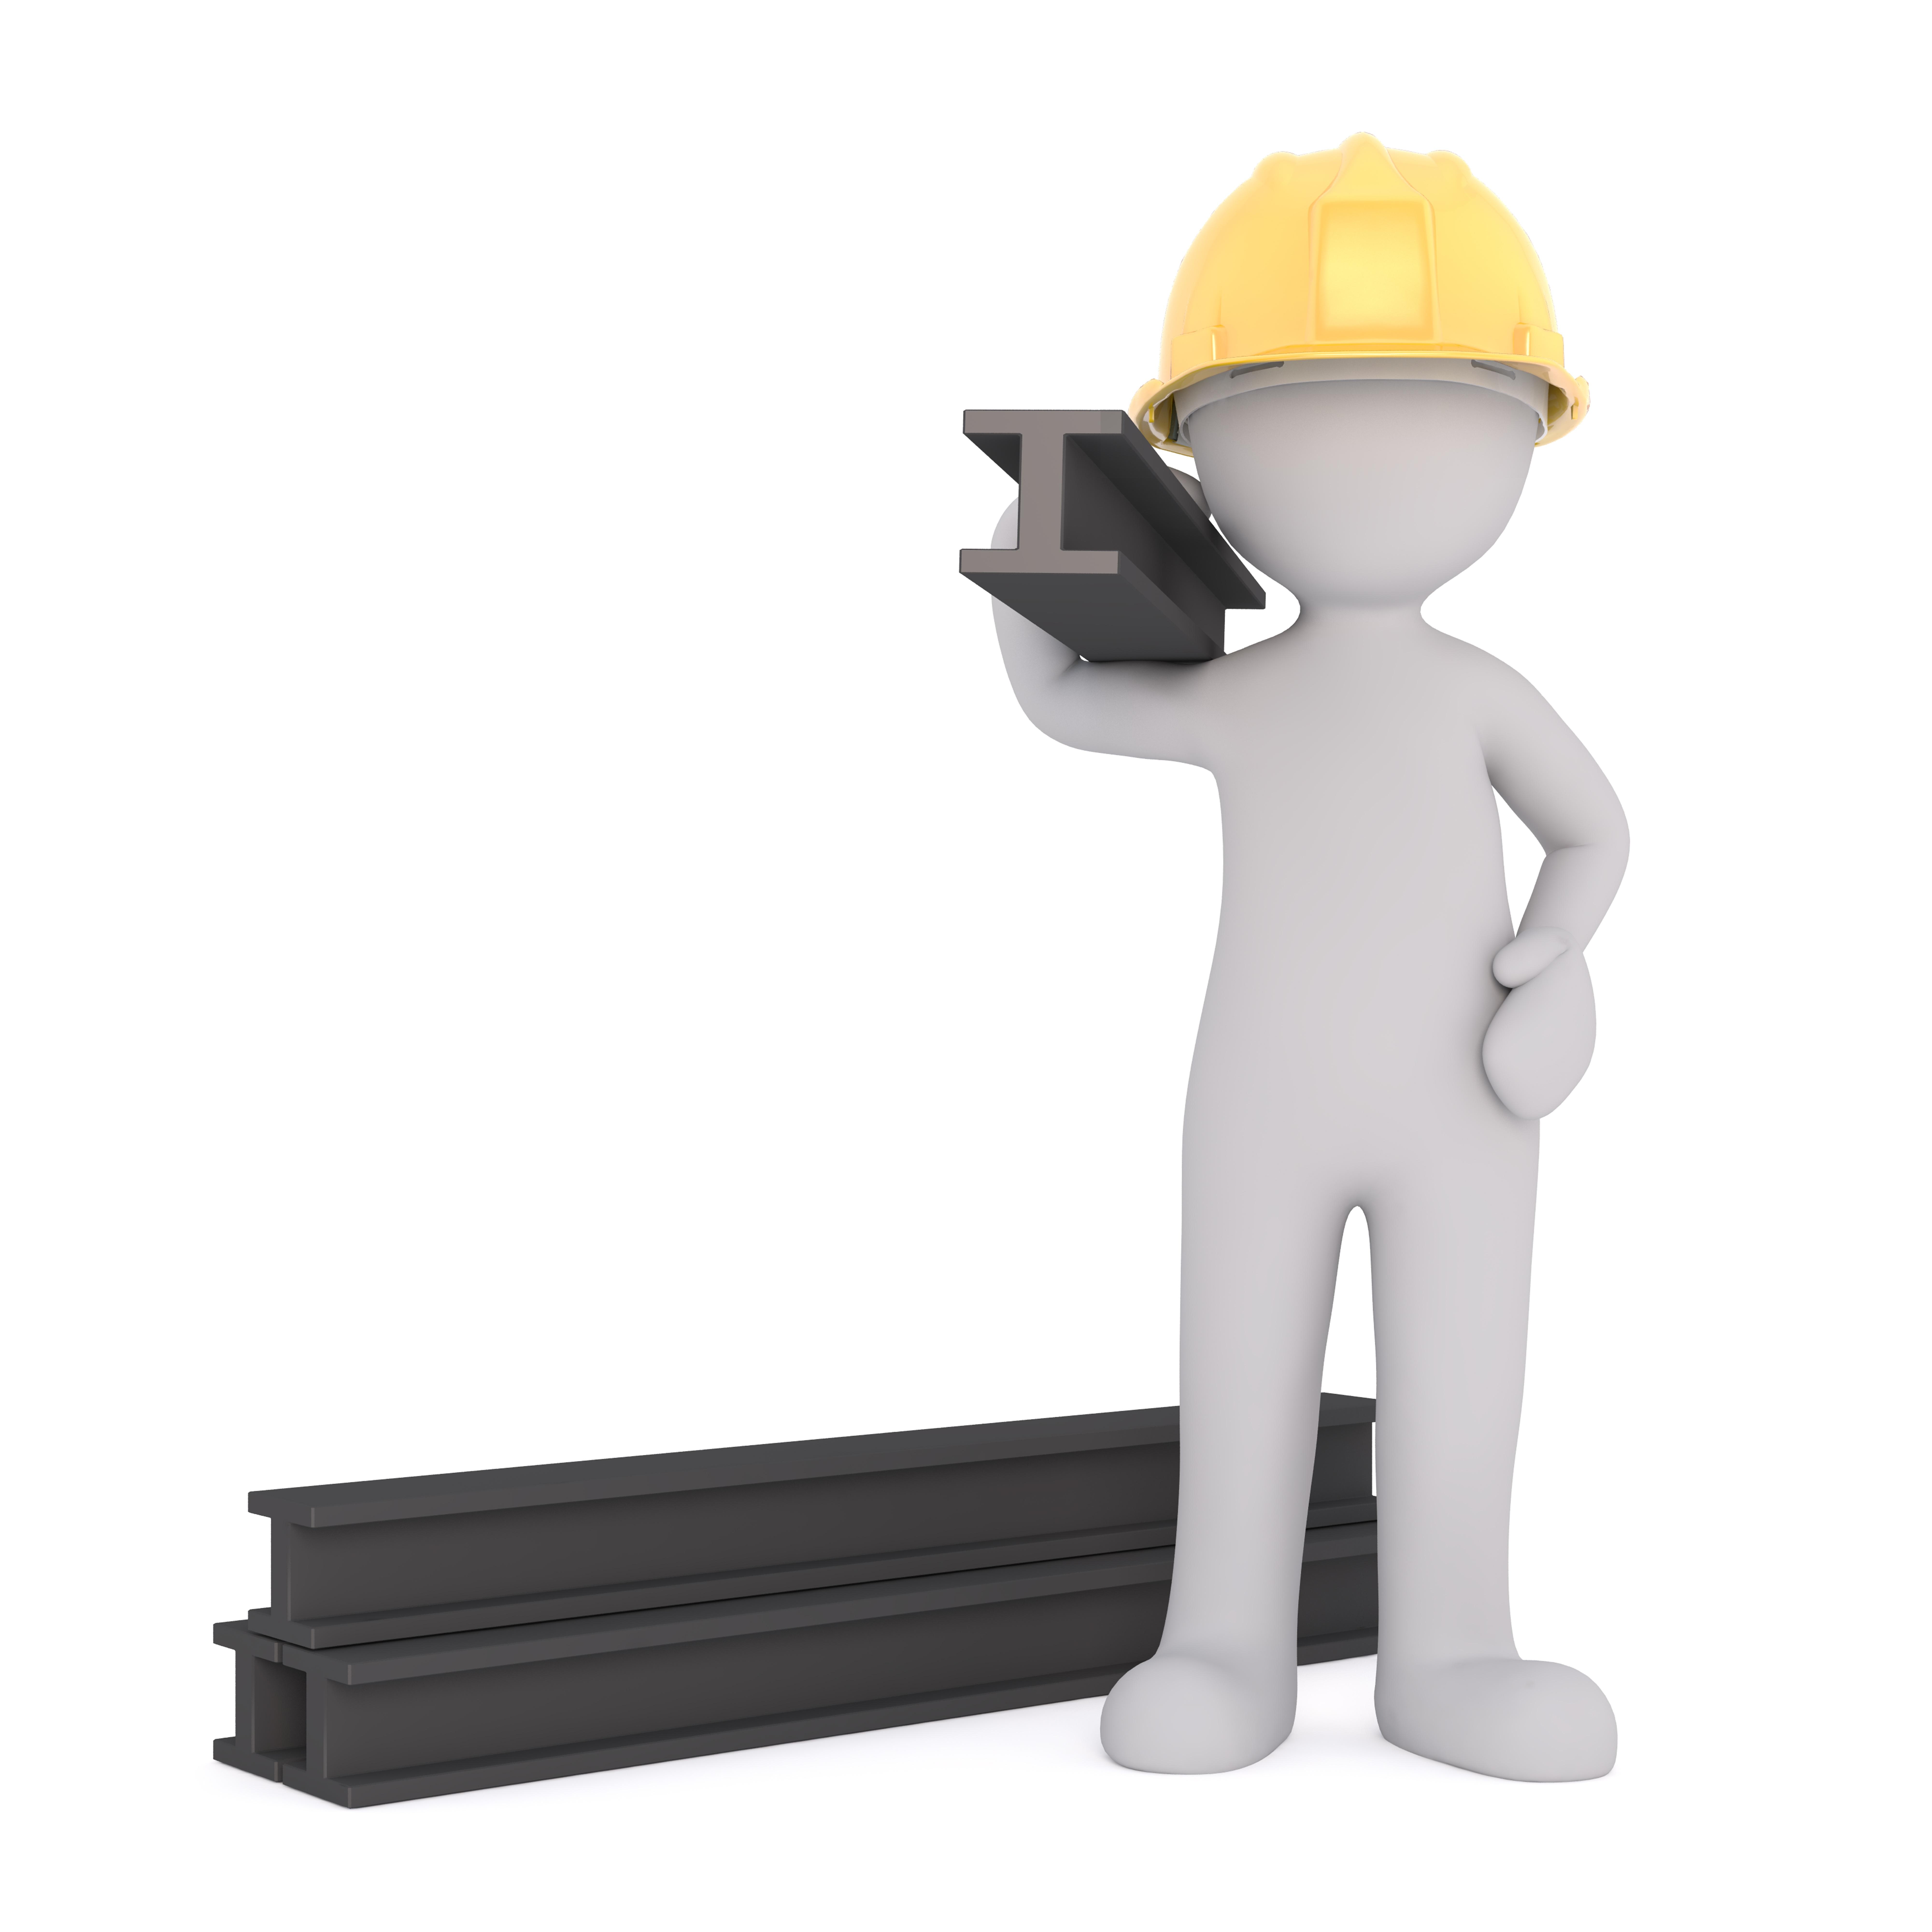 Gambar Tangan Terpencil Model Produk Kemudi Steelworkers